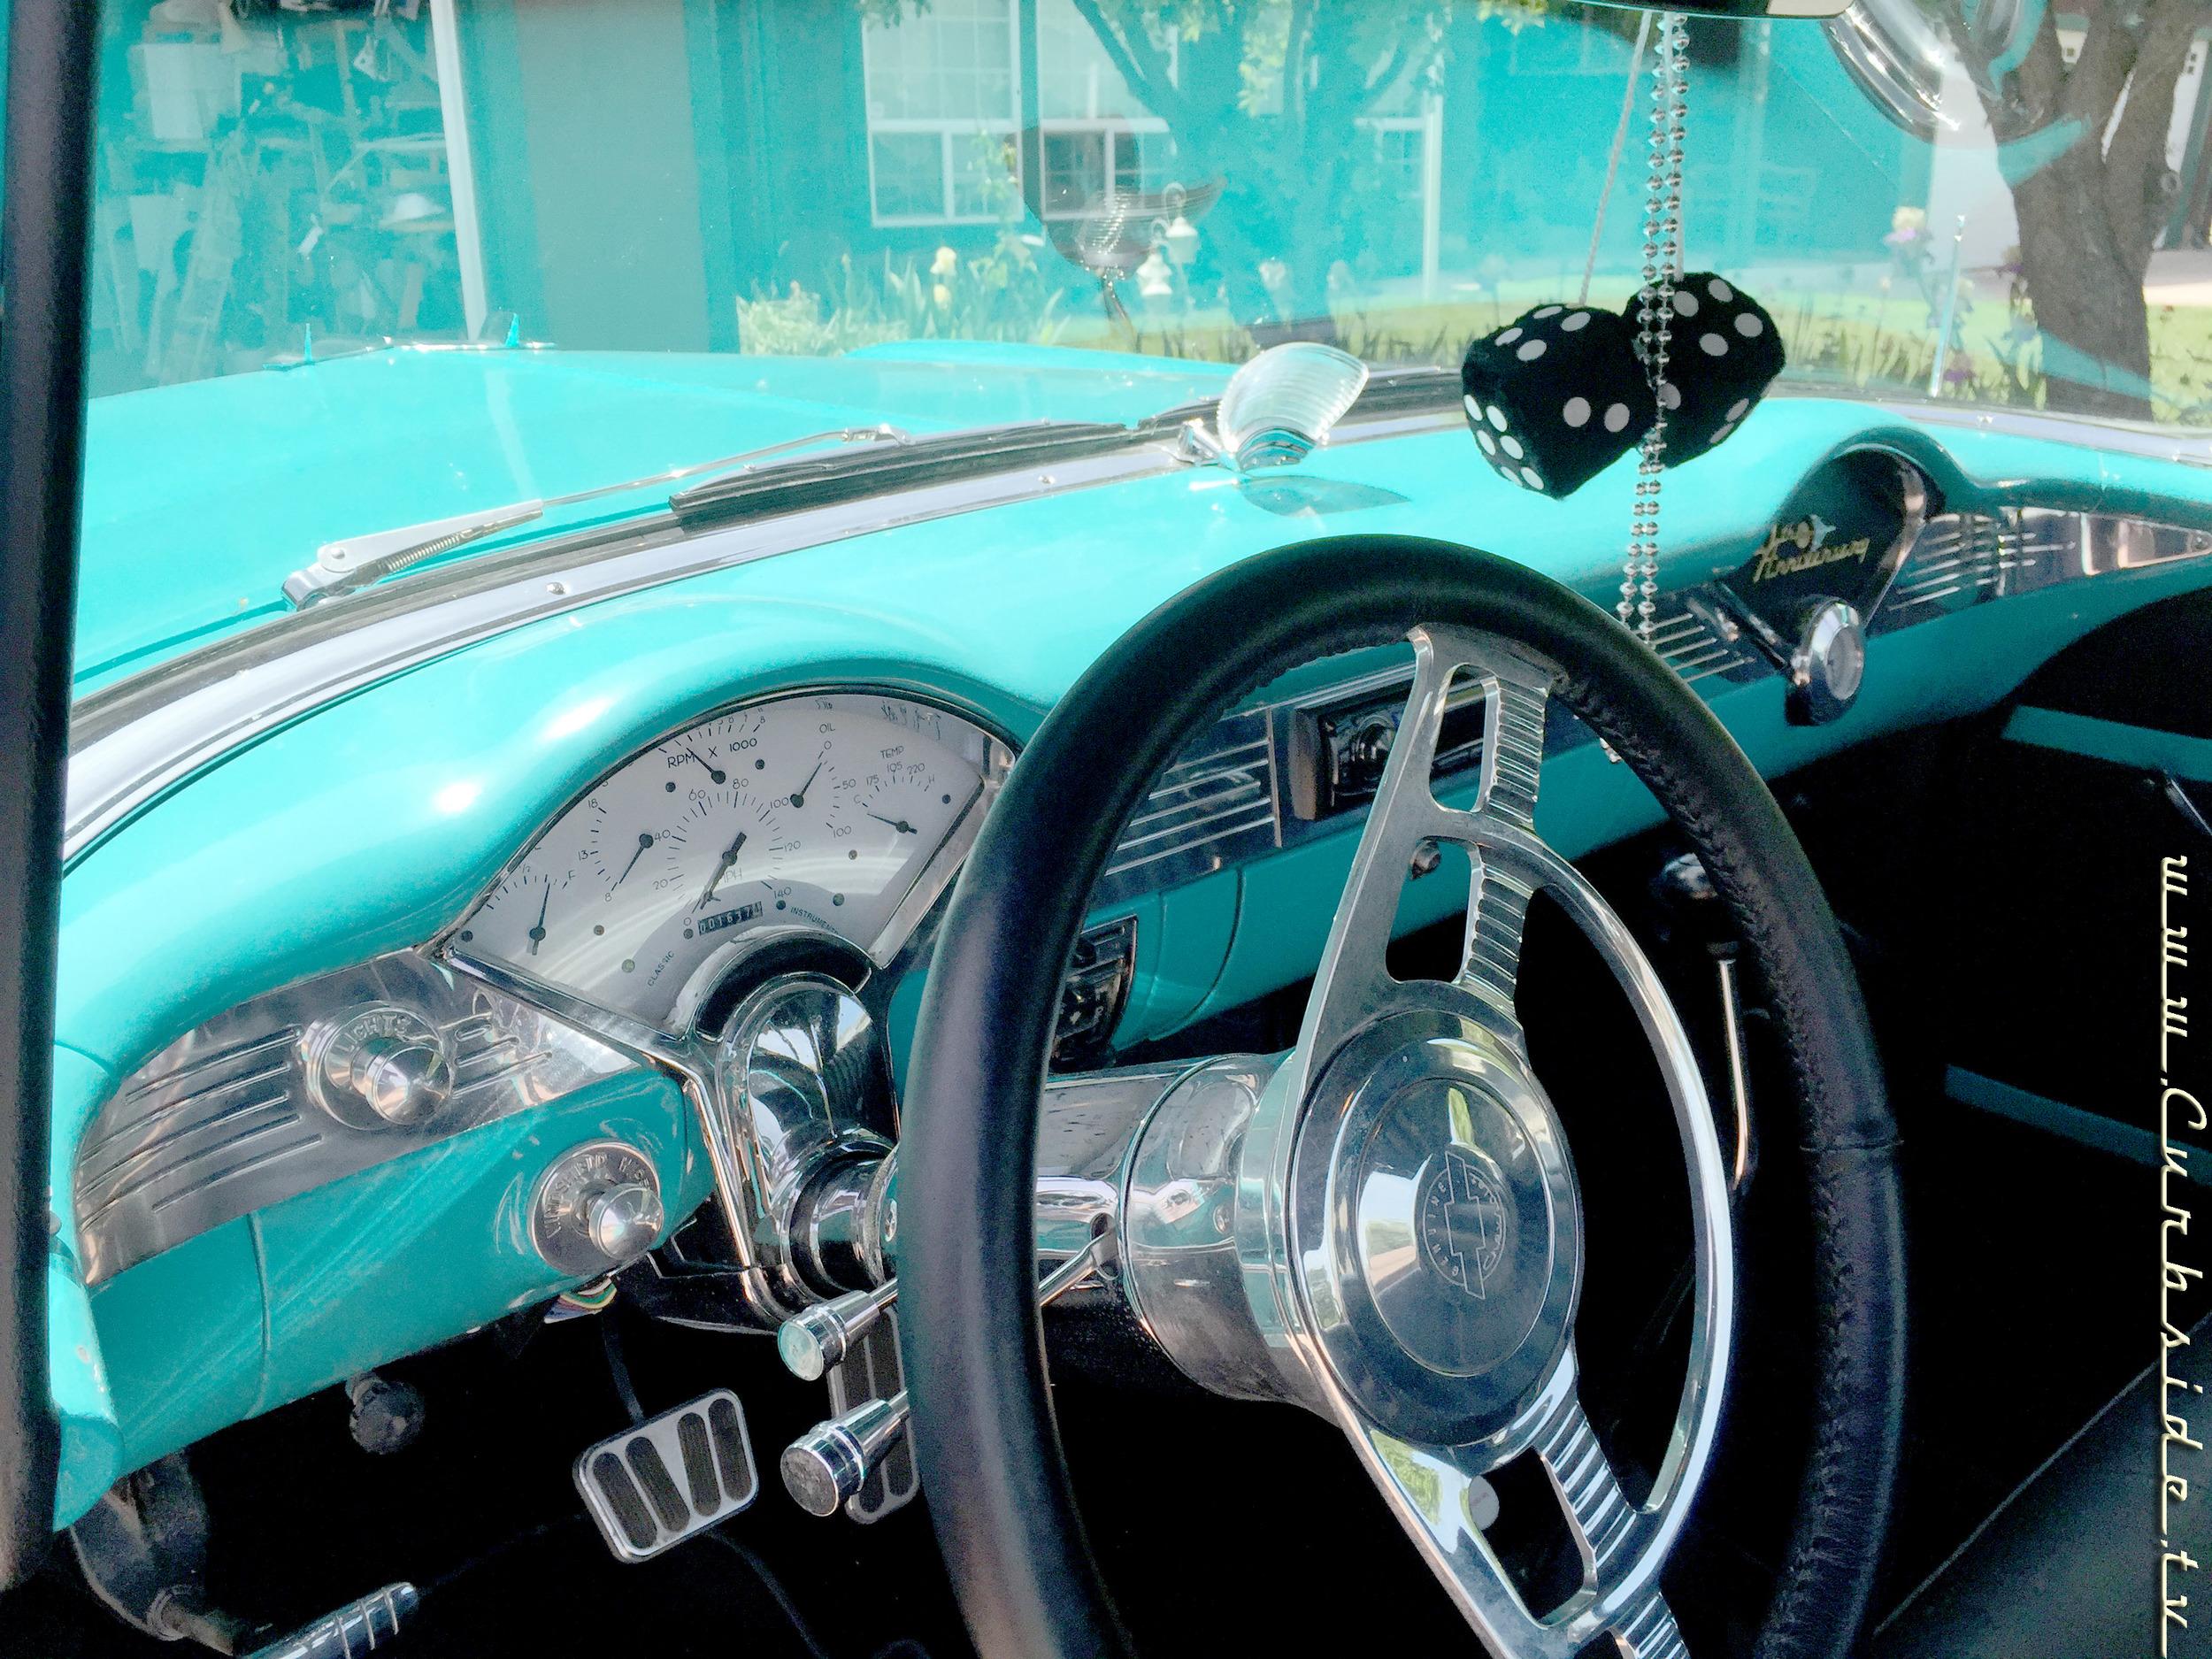 Joes 1956 Chevy El Camino - 8.jpg